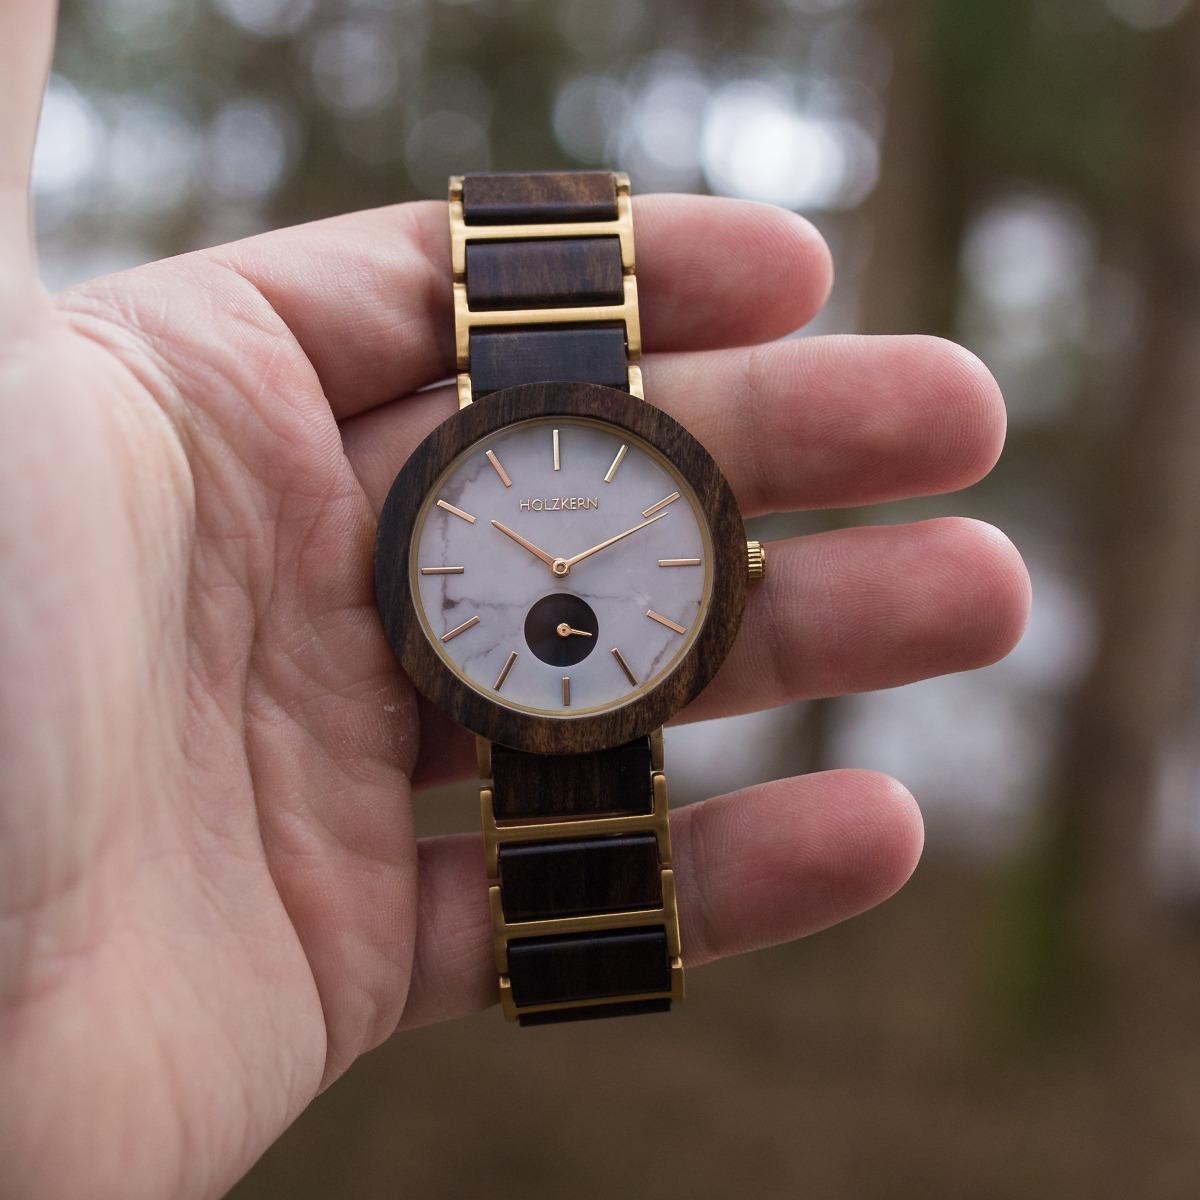 Holzkern Holzuhr Country sticht durch Ziffernblatt aus weißem Marmor und farbintensives Leadwood aus der Handinnenfläche des Trägers hervor